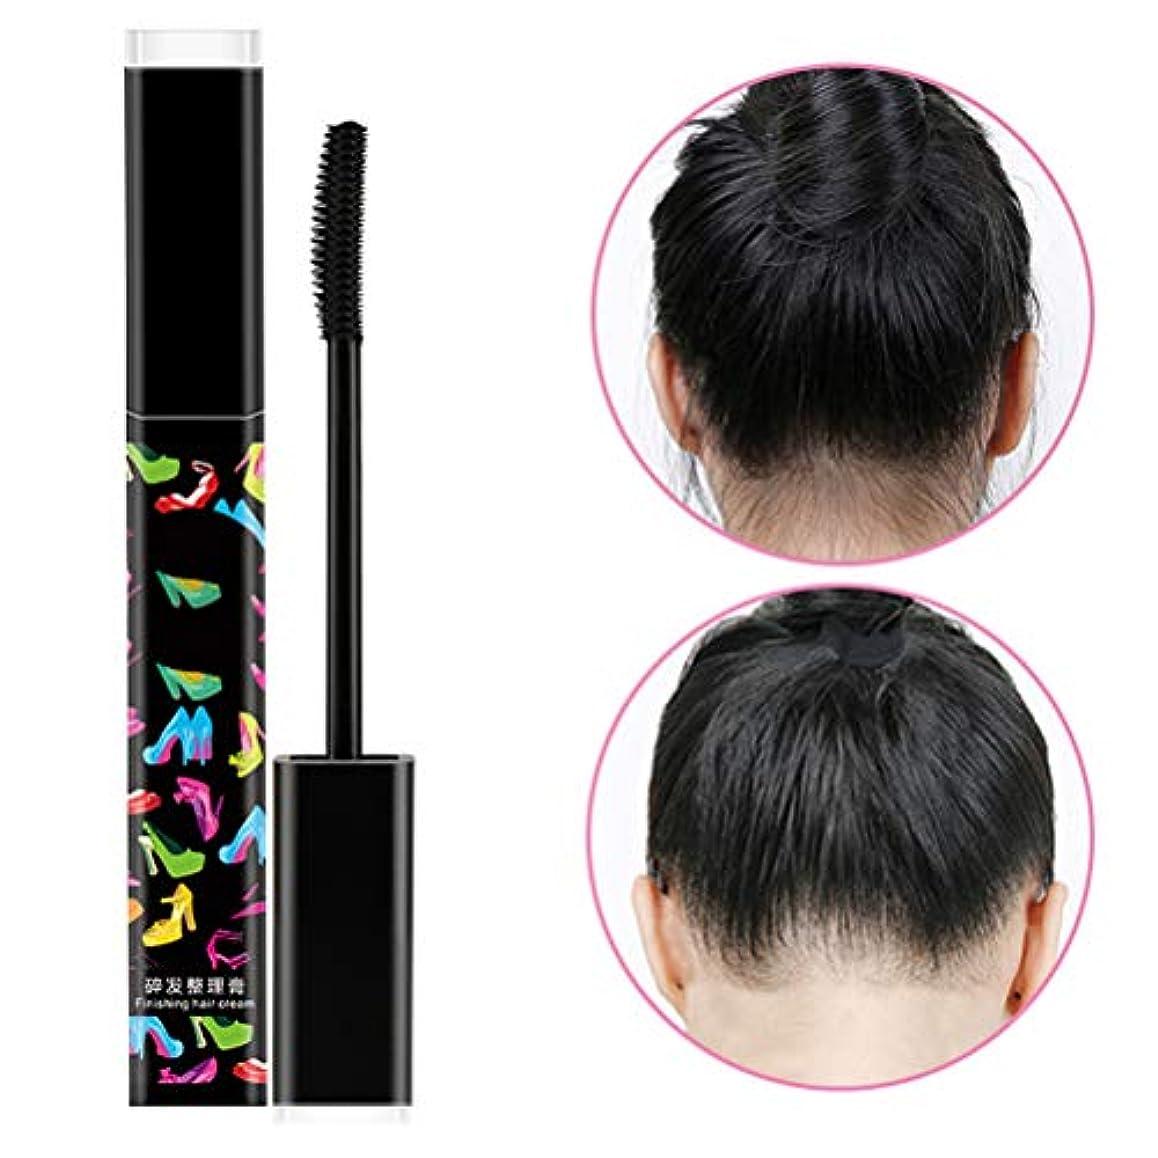 ロードされた誰かセラーsupbel 美髪ワックス スタイリングクリーム ヘアスタイル 散髪整理 ハードワックス 髪固 保湿 ナチュラル オーガニック 長持ち 携帯便利 軽量 使用の簡単さ 高い光沢